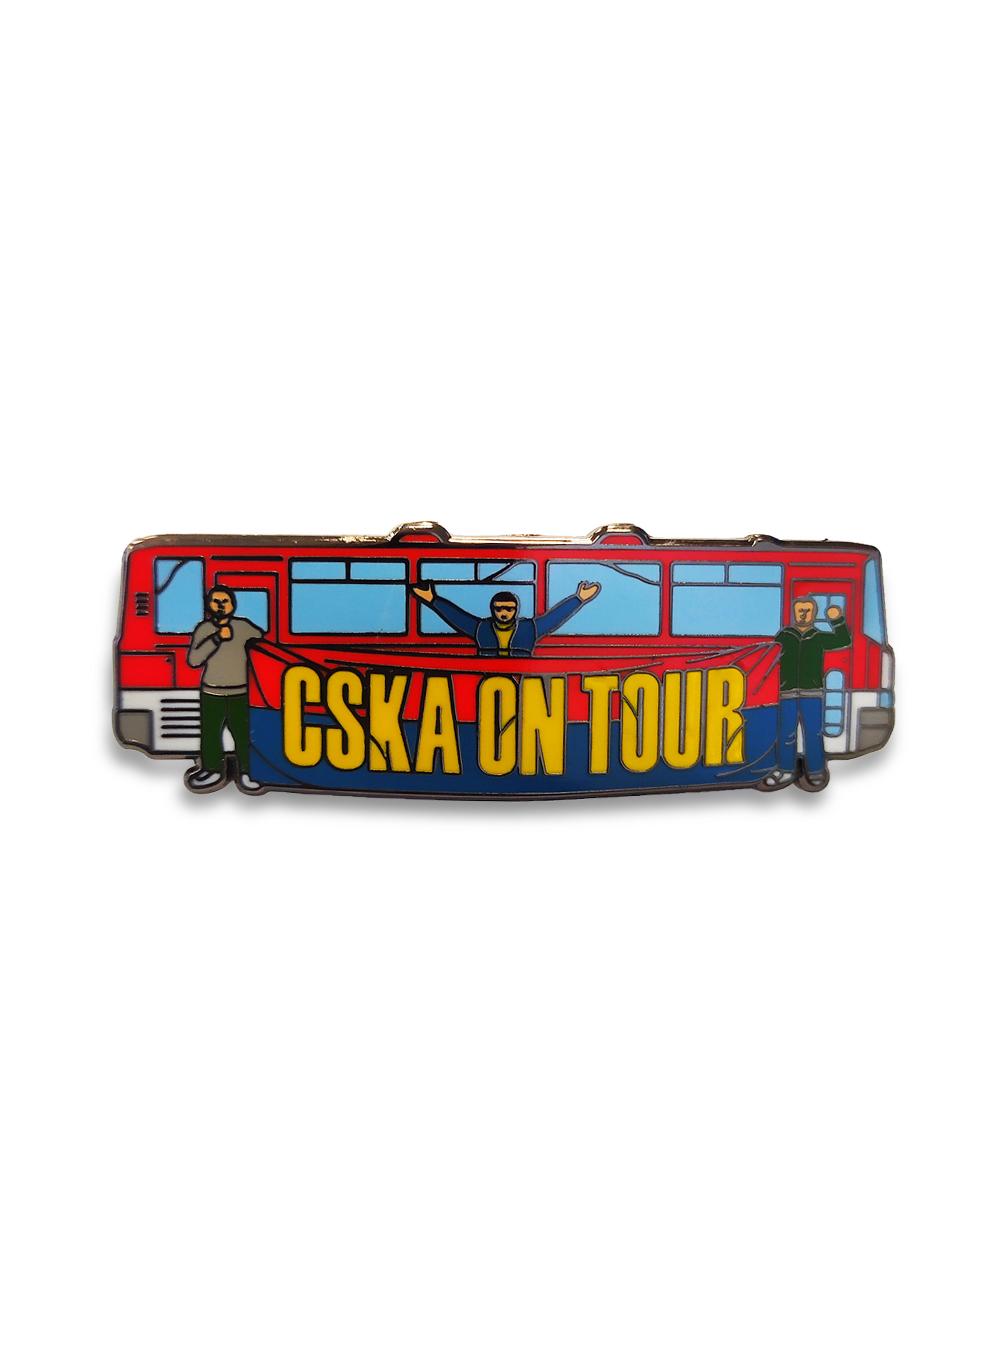 Коллекционный значок CSKA ON TOUR фото